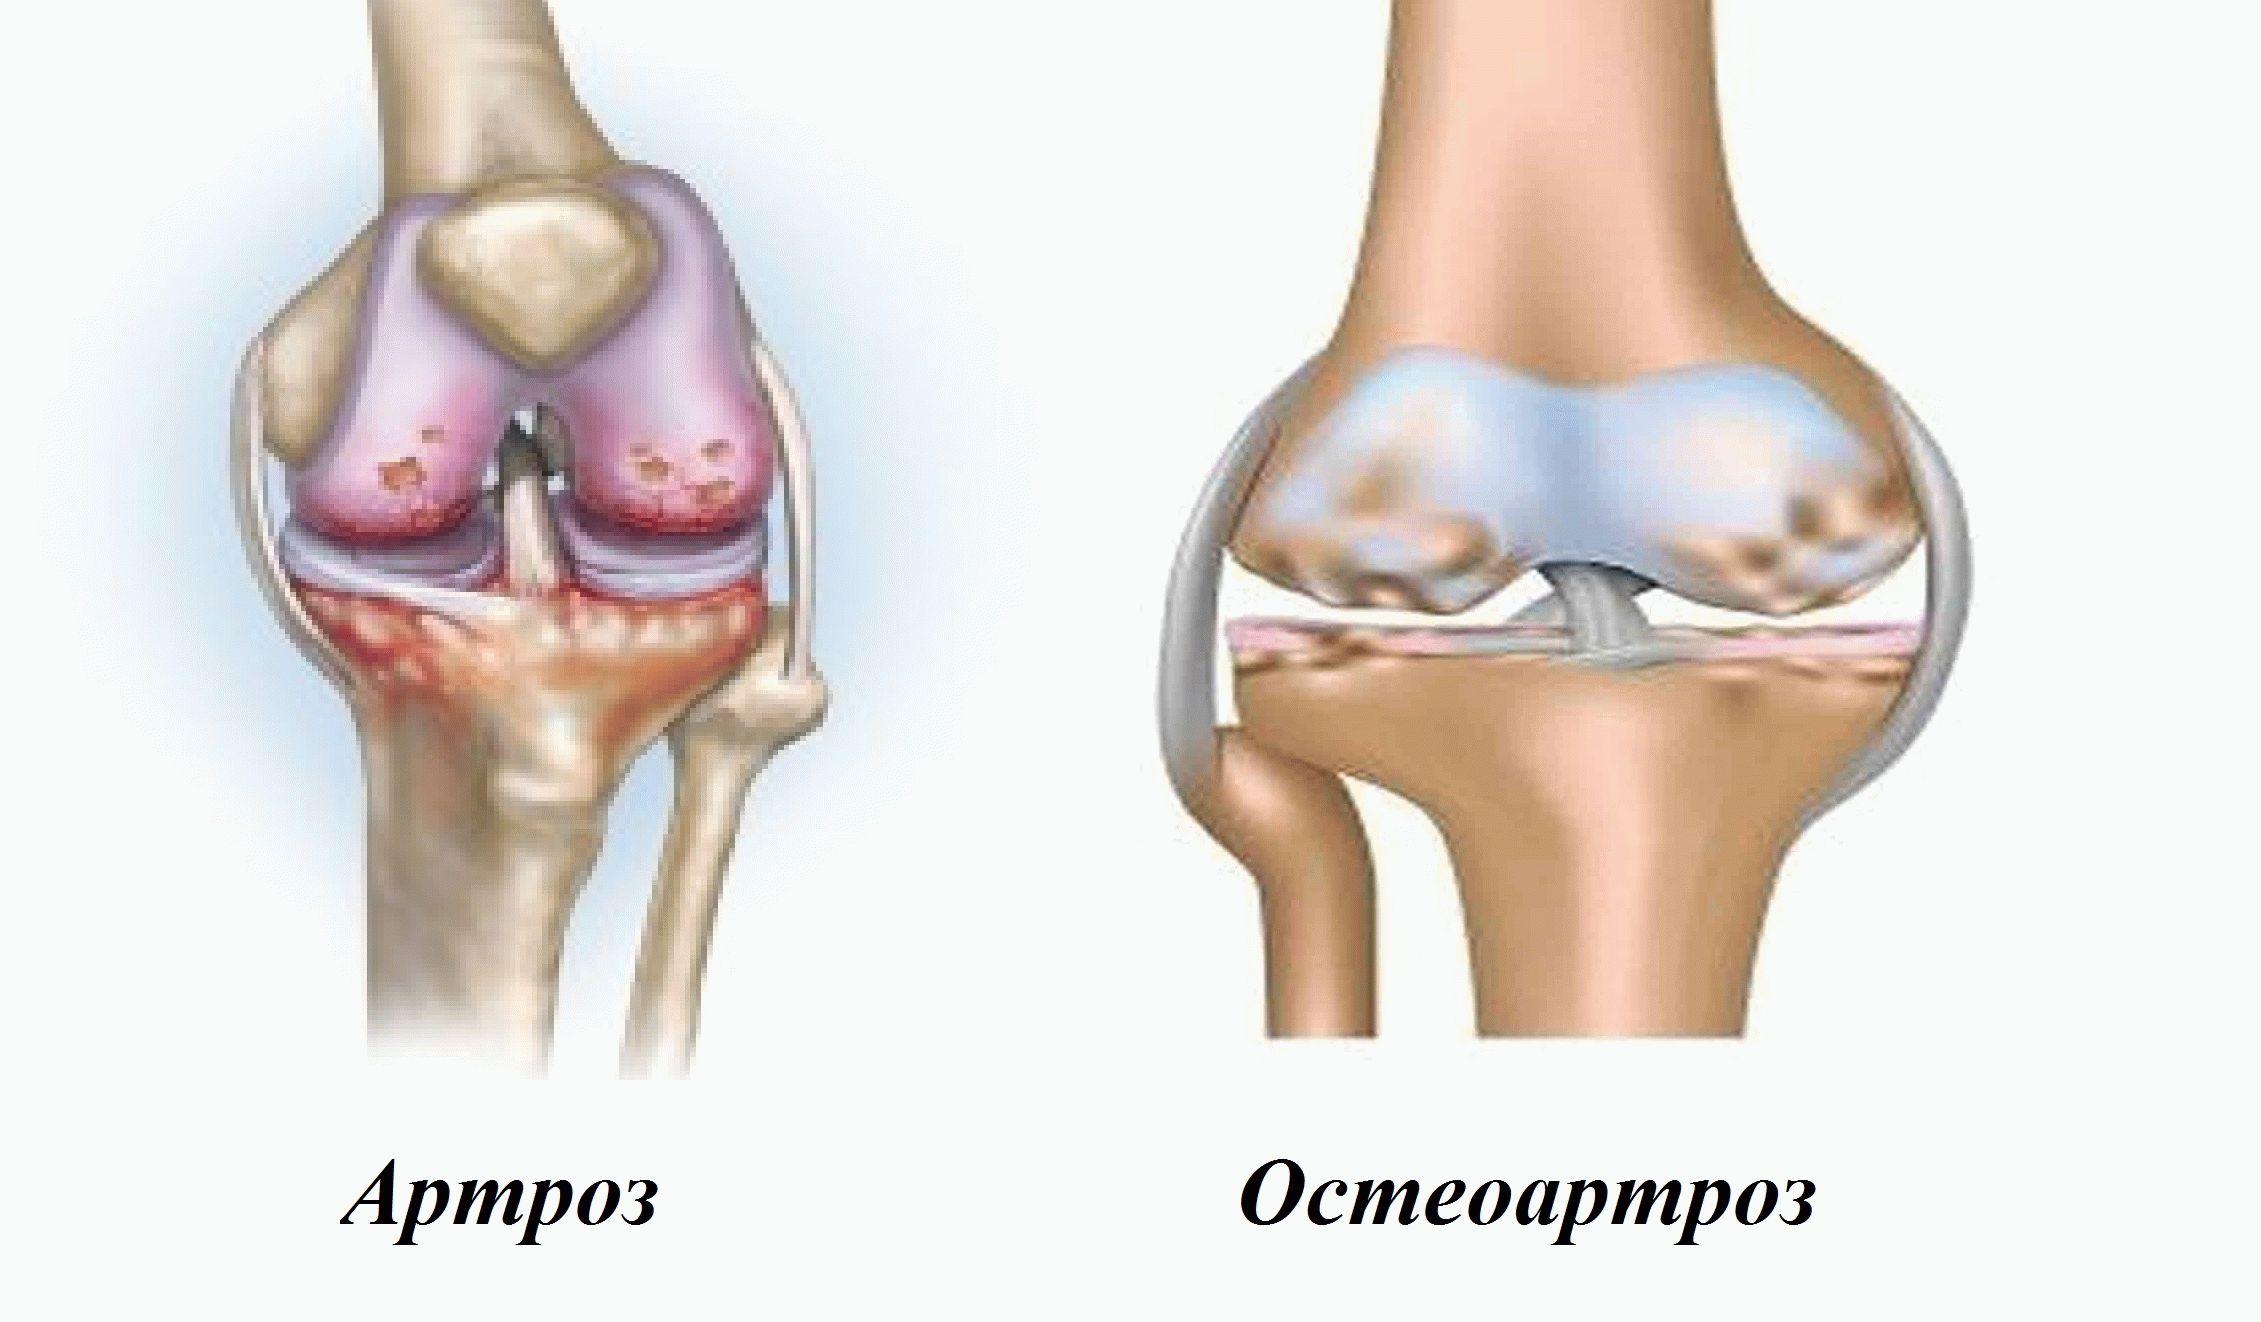 Заболевания артроз и остеоартроз